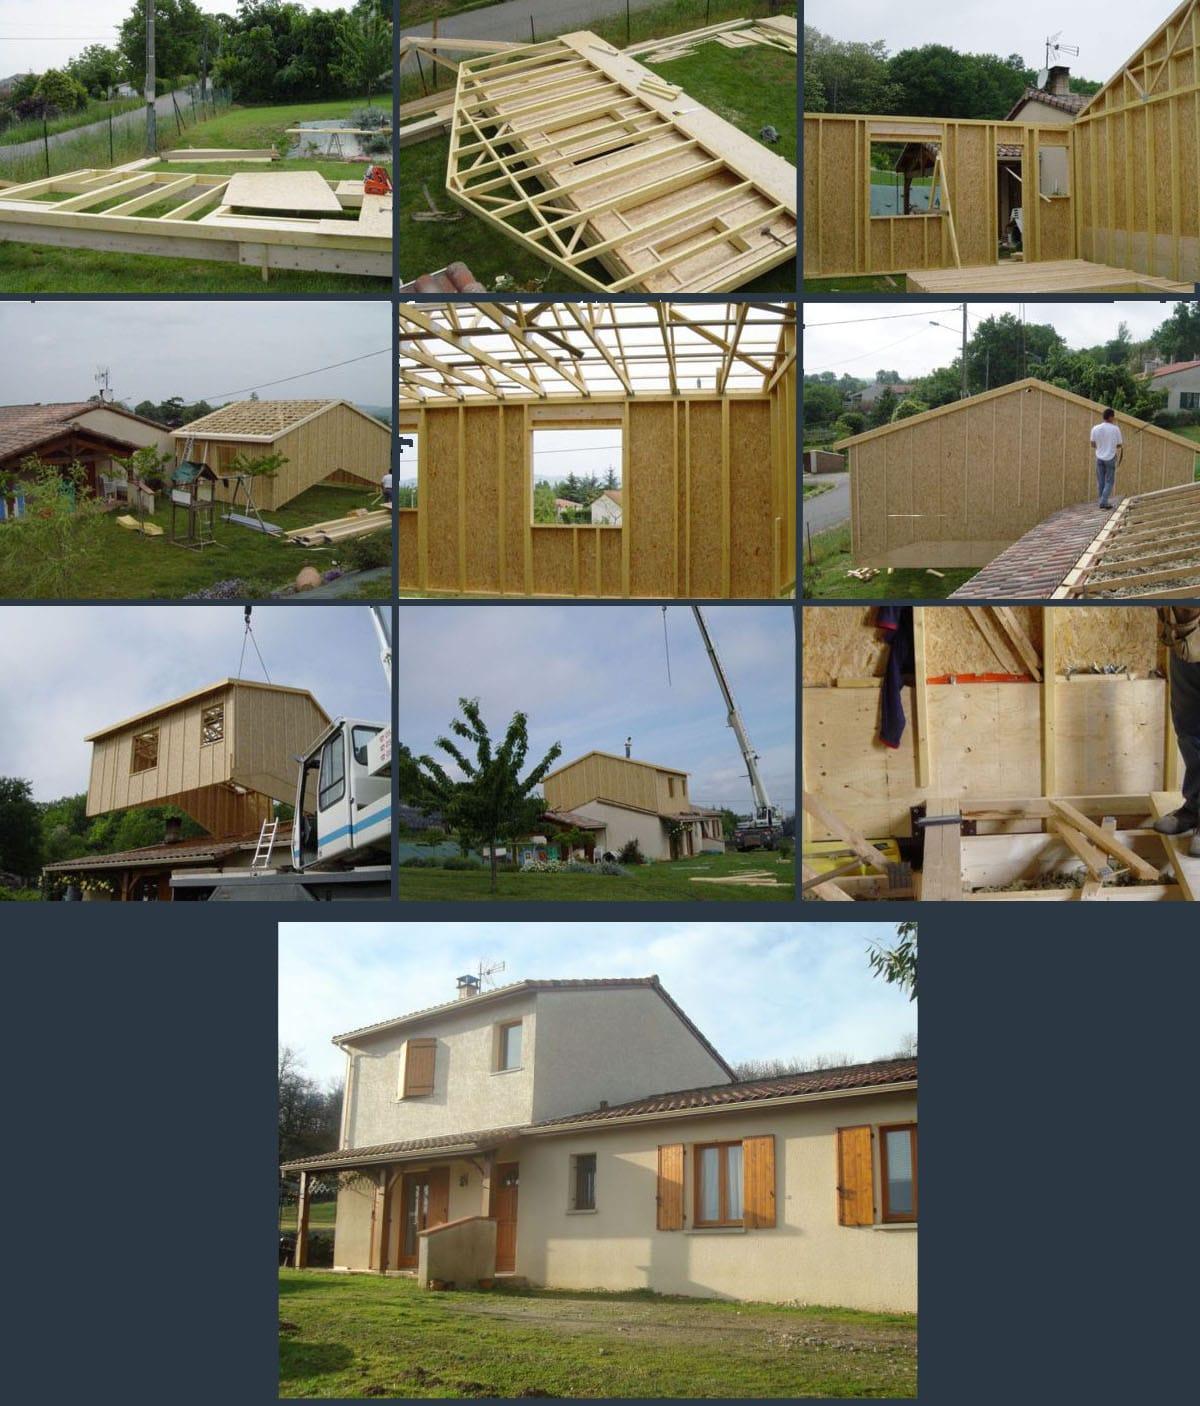 les 10 étapes de surelevation d'une maison